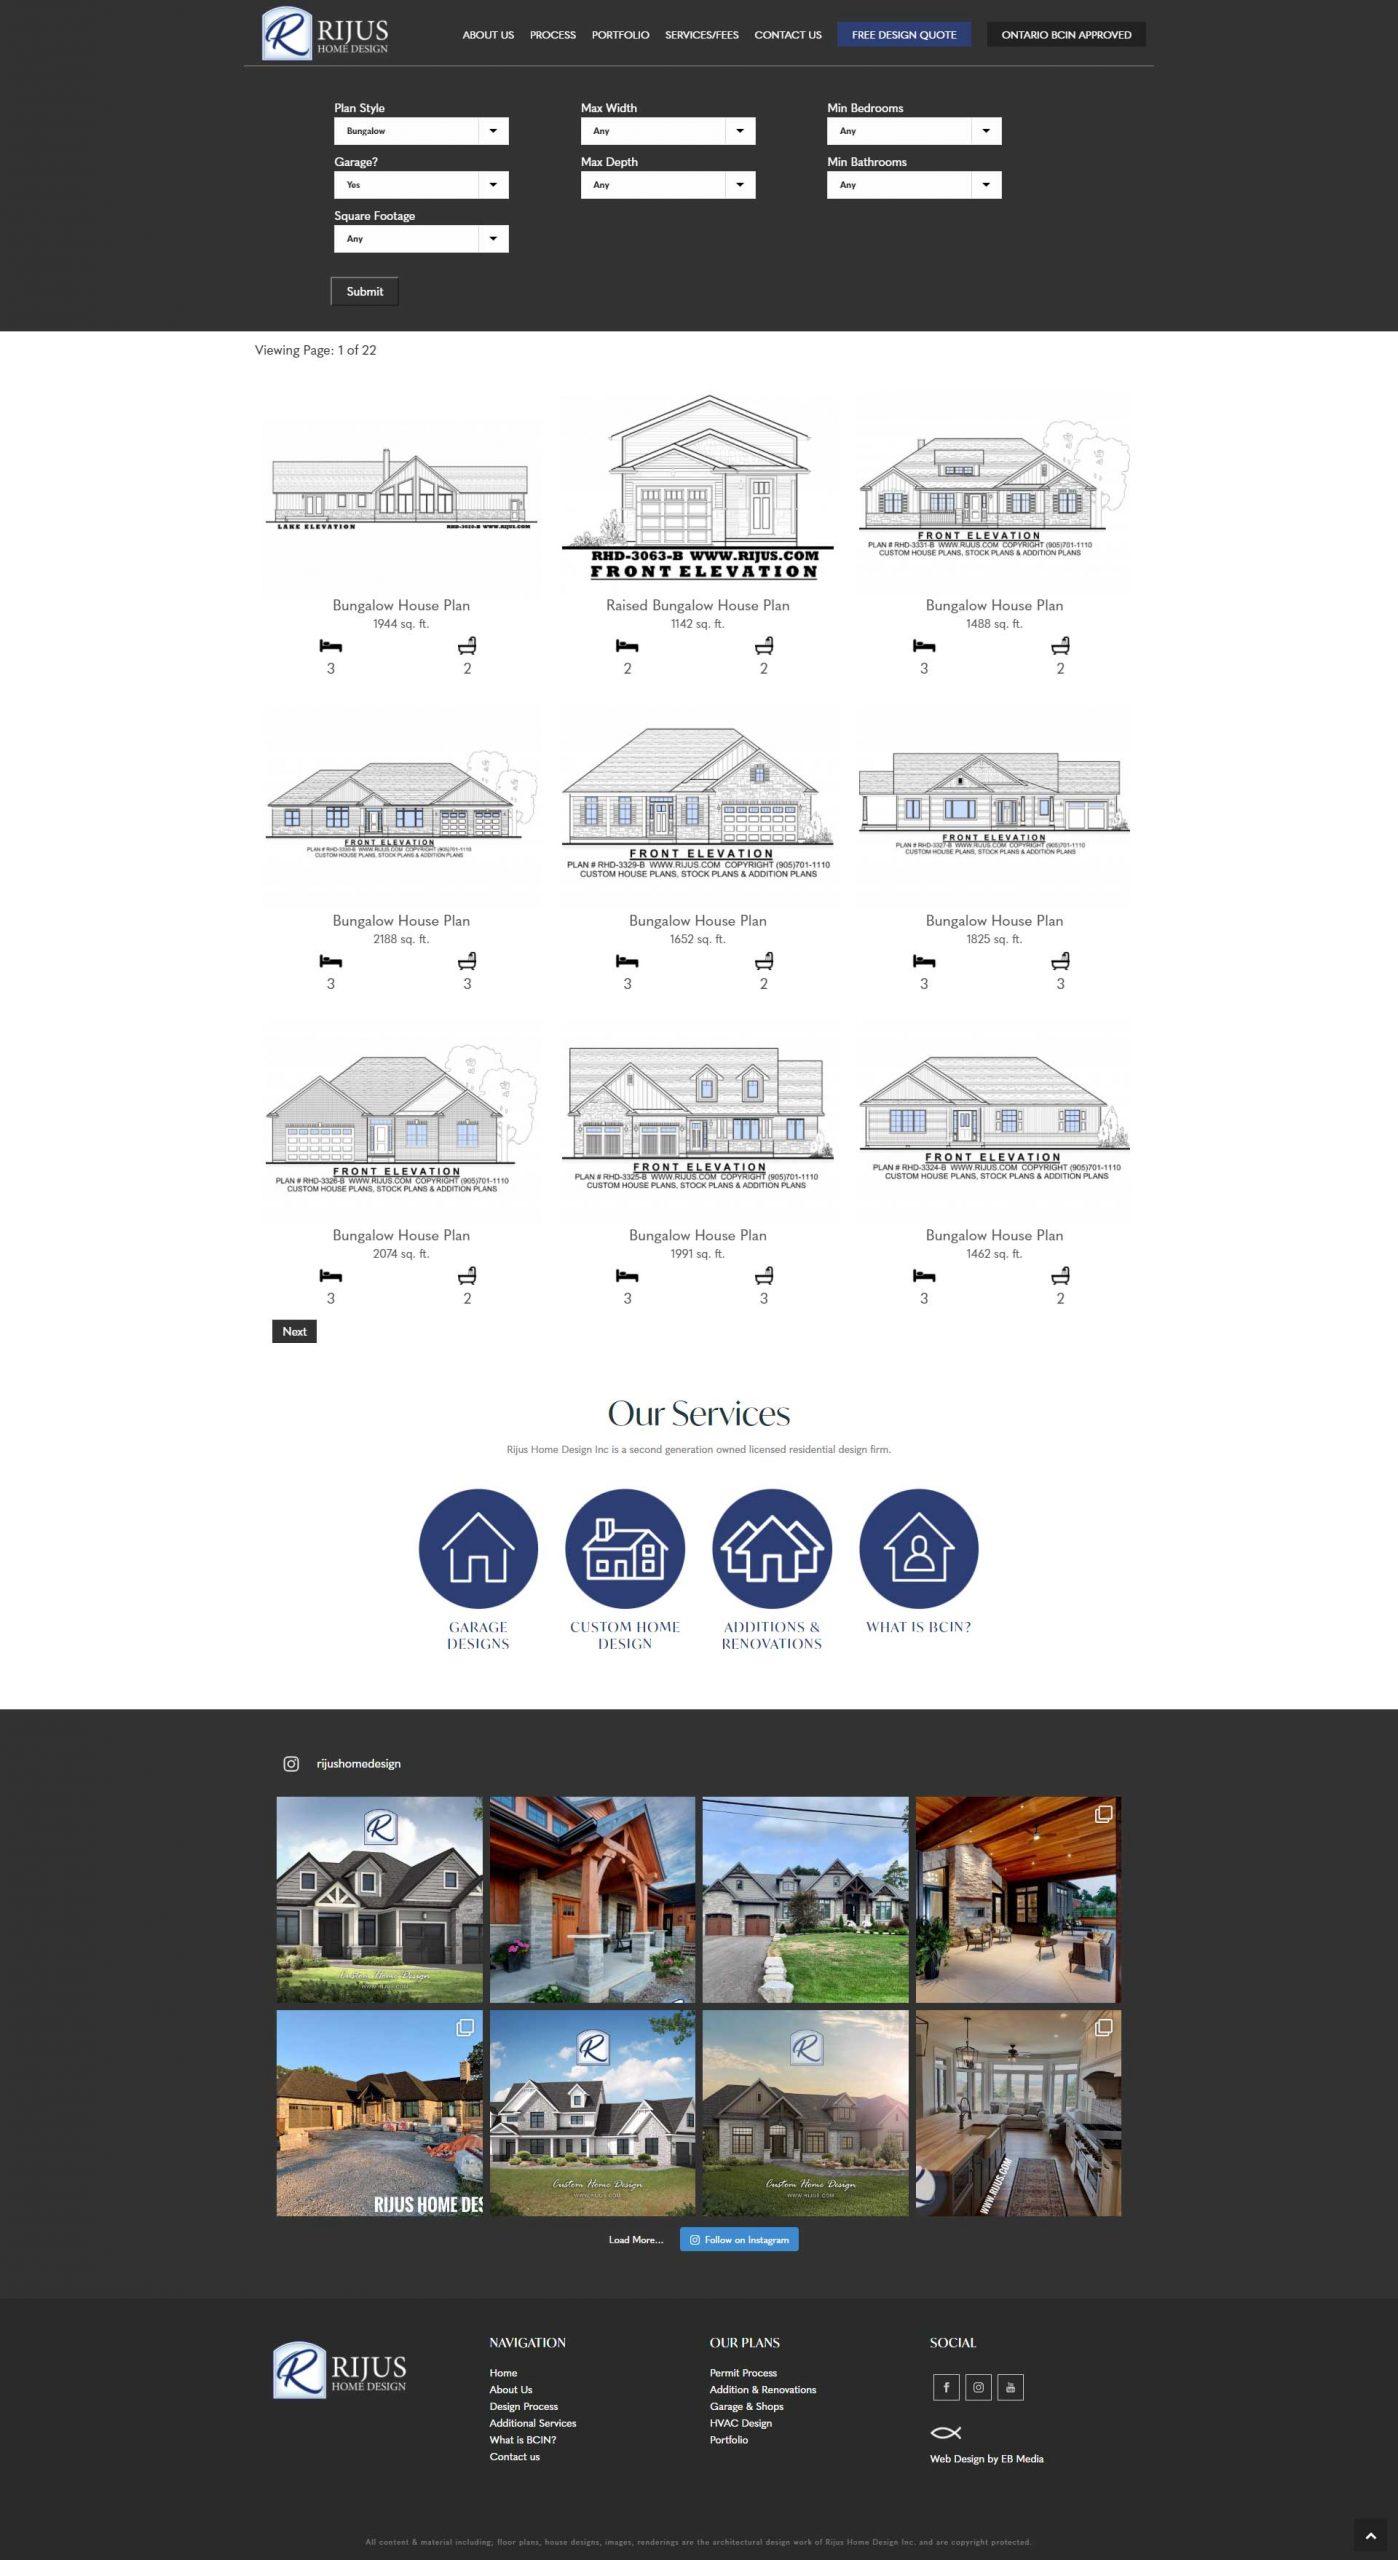 rijus-home-design-work2